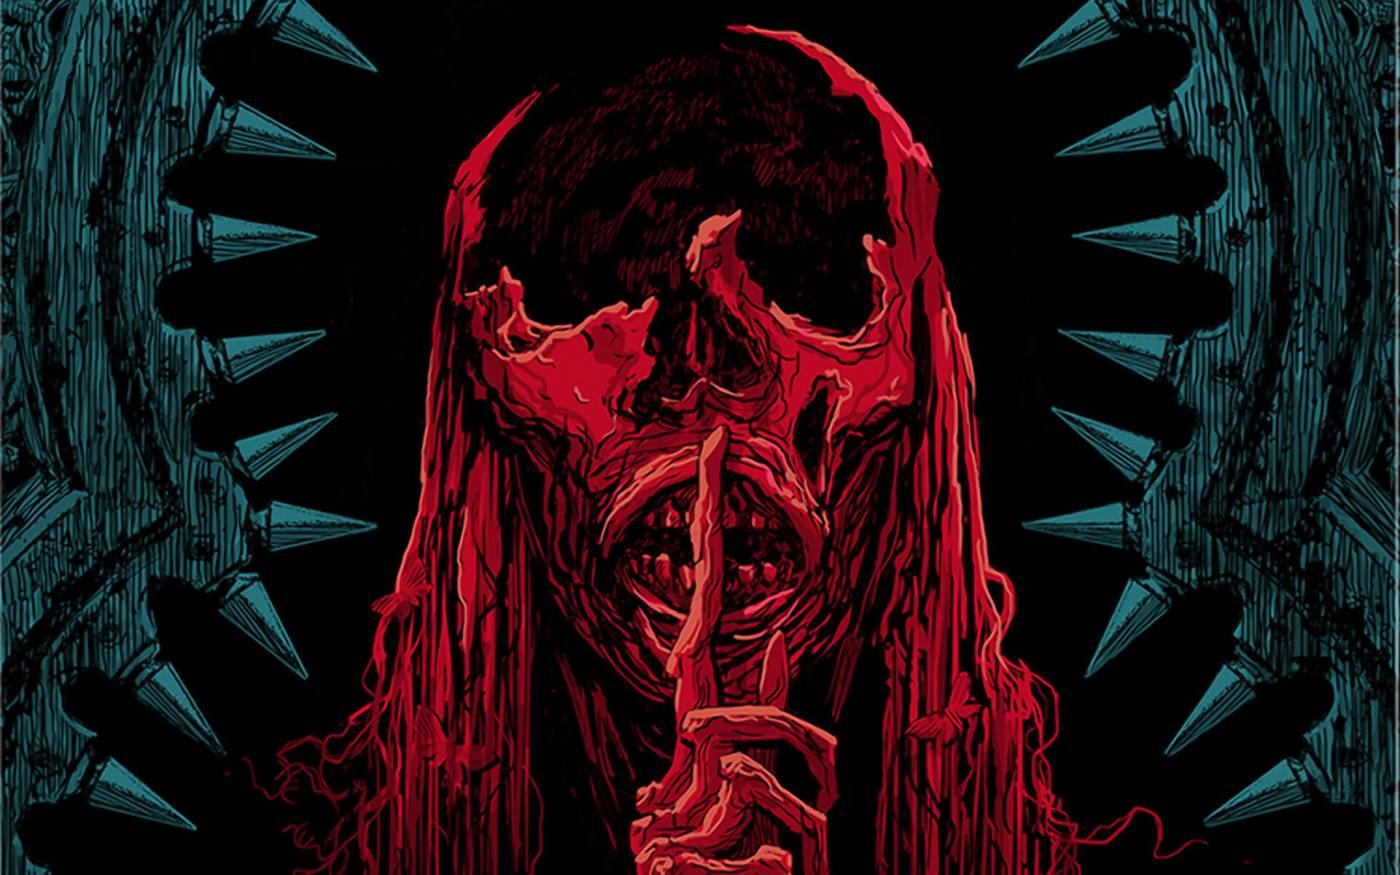 Crimson-Peak-2015-Movie-Poster-Wallpaper